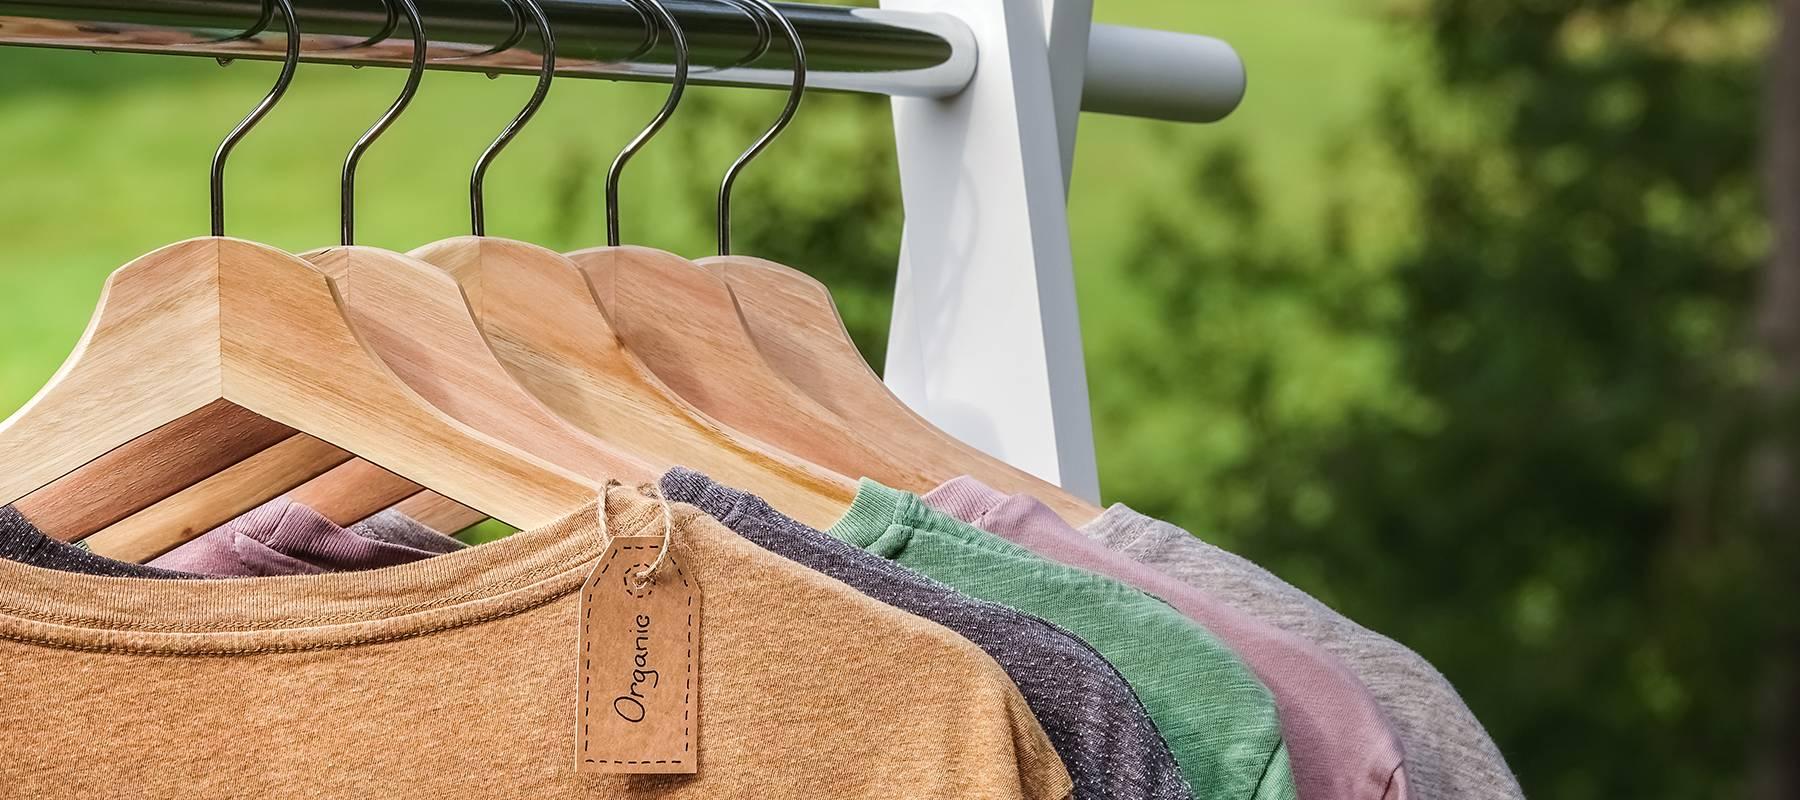 10 Benefits of Hemp Clothing & Fashion